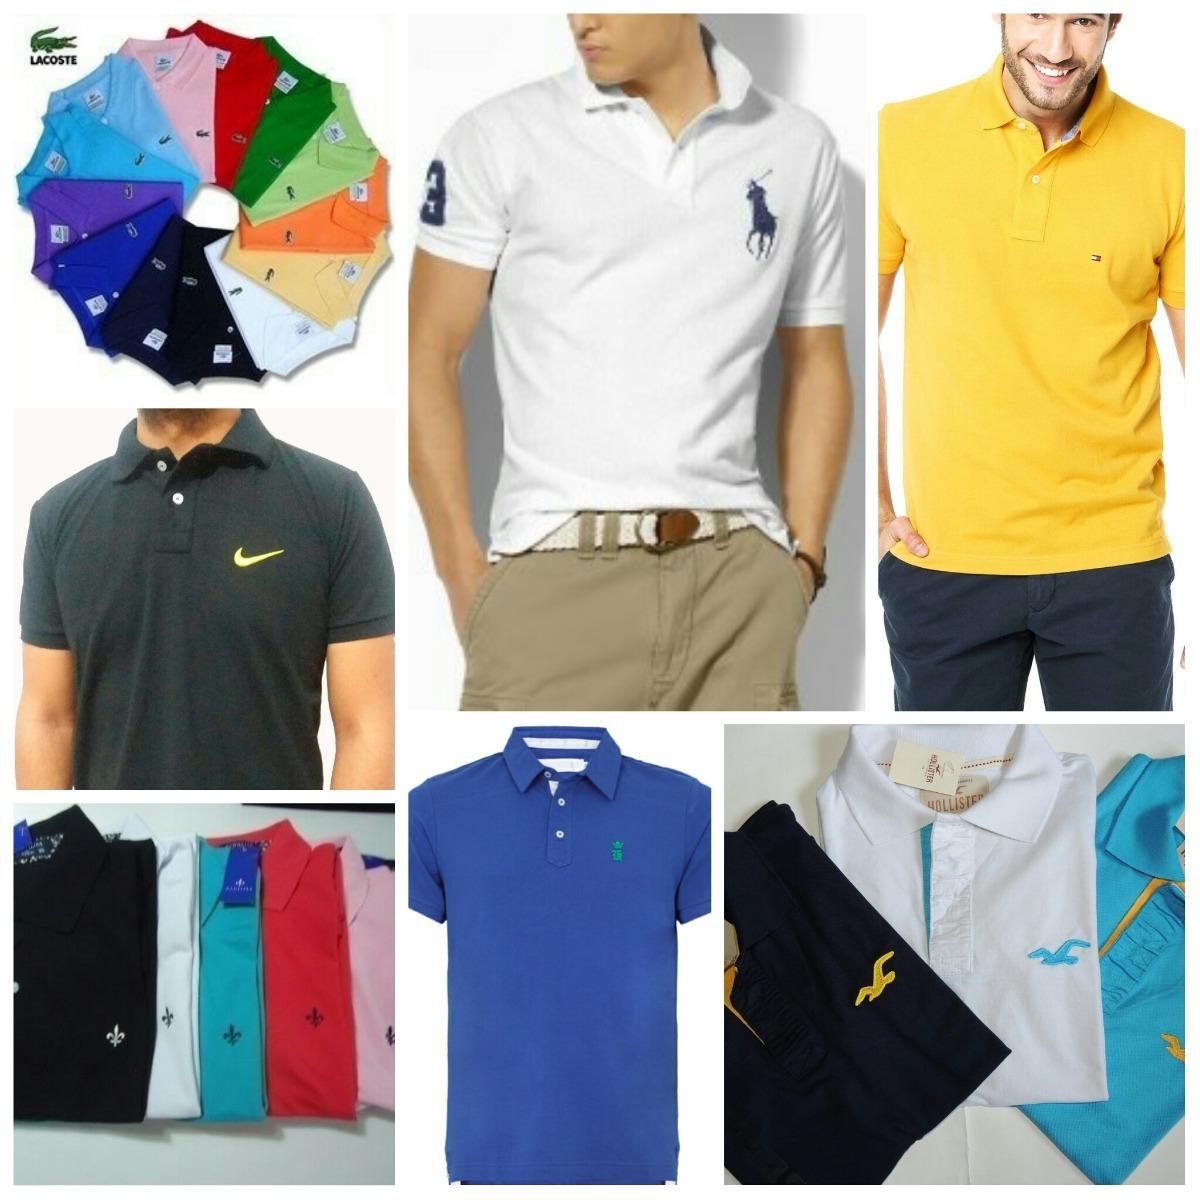 Kit 10 Camisas Polo Masculino Varias Marcas Top Promoção!!! - R  213 ... 0d90e8dcb0dd3